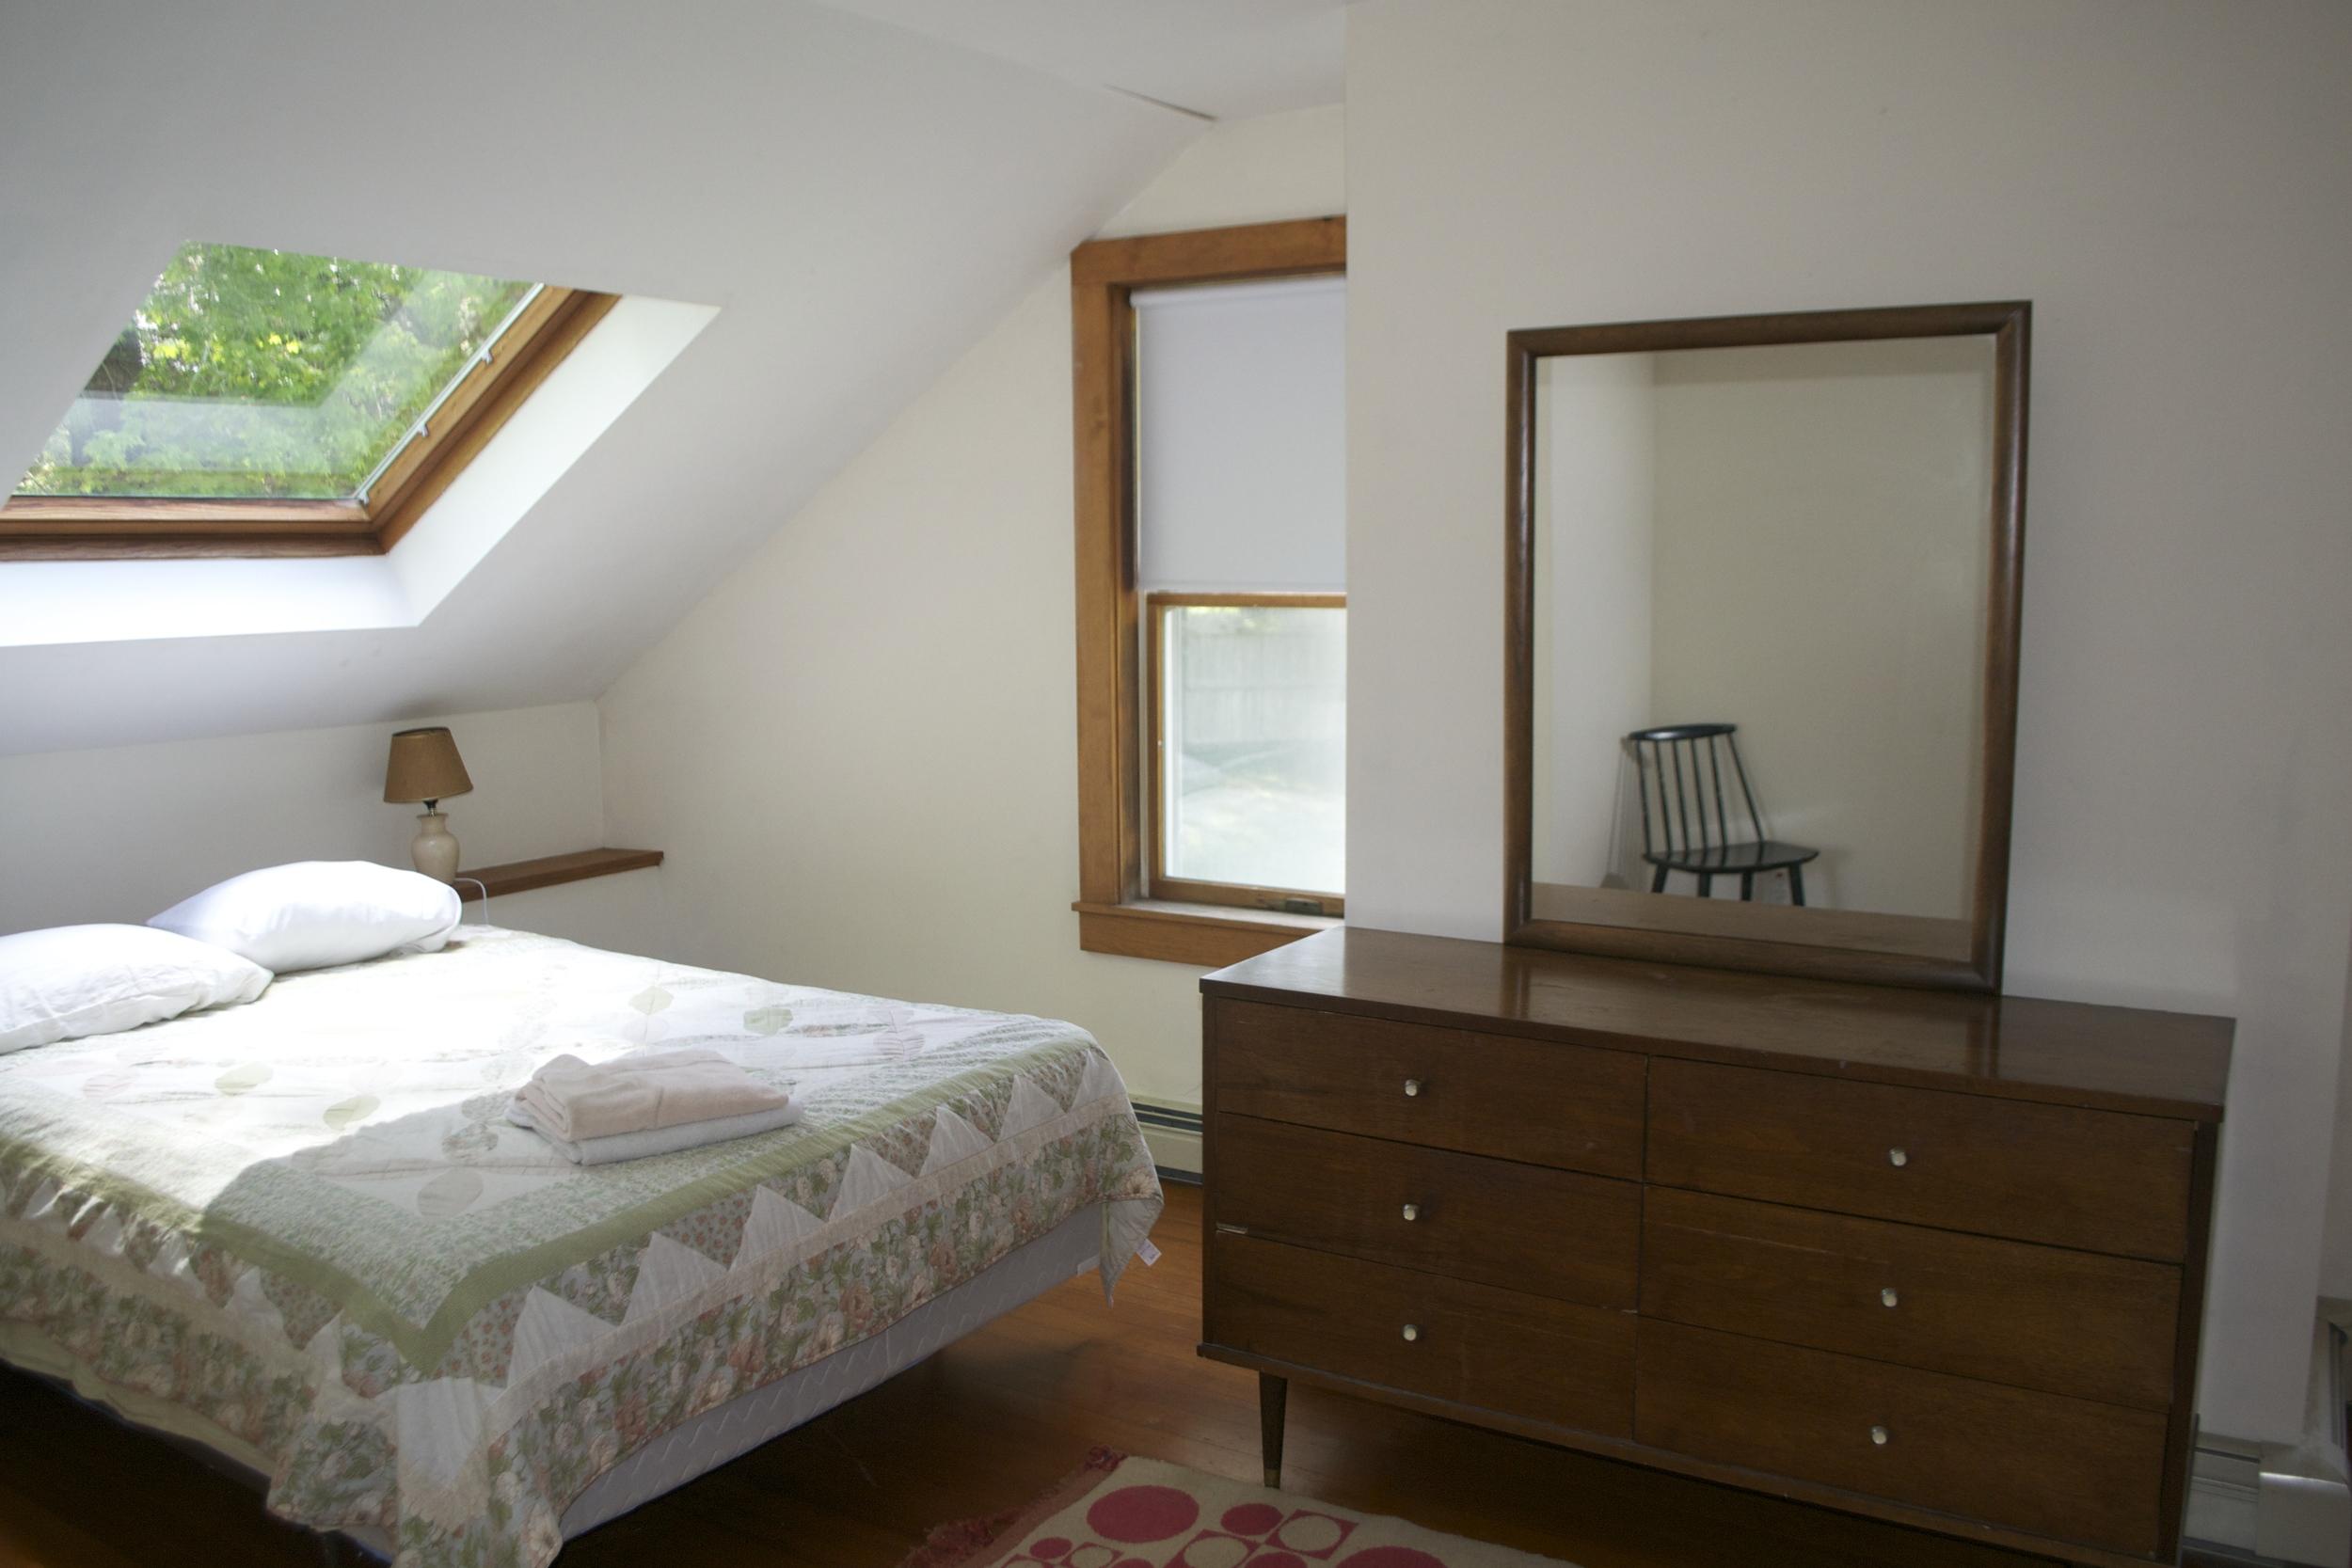 Lodgebedroom1.jpg